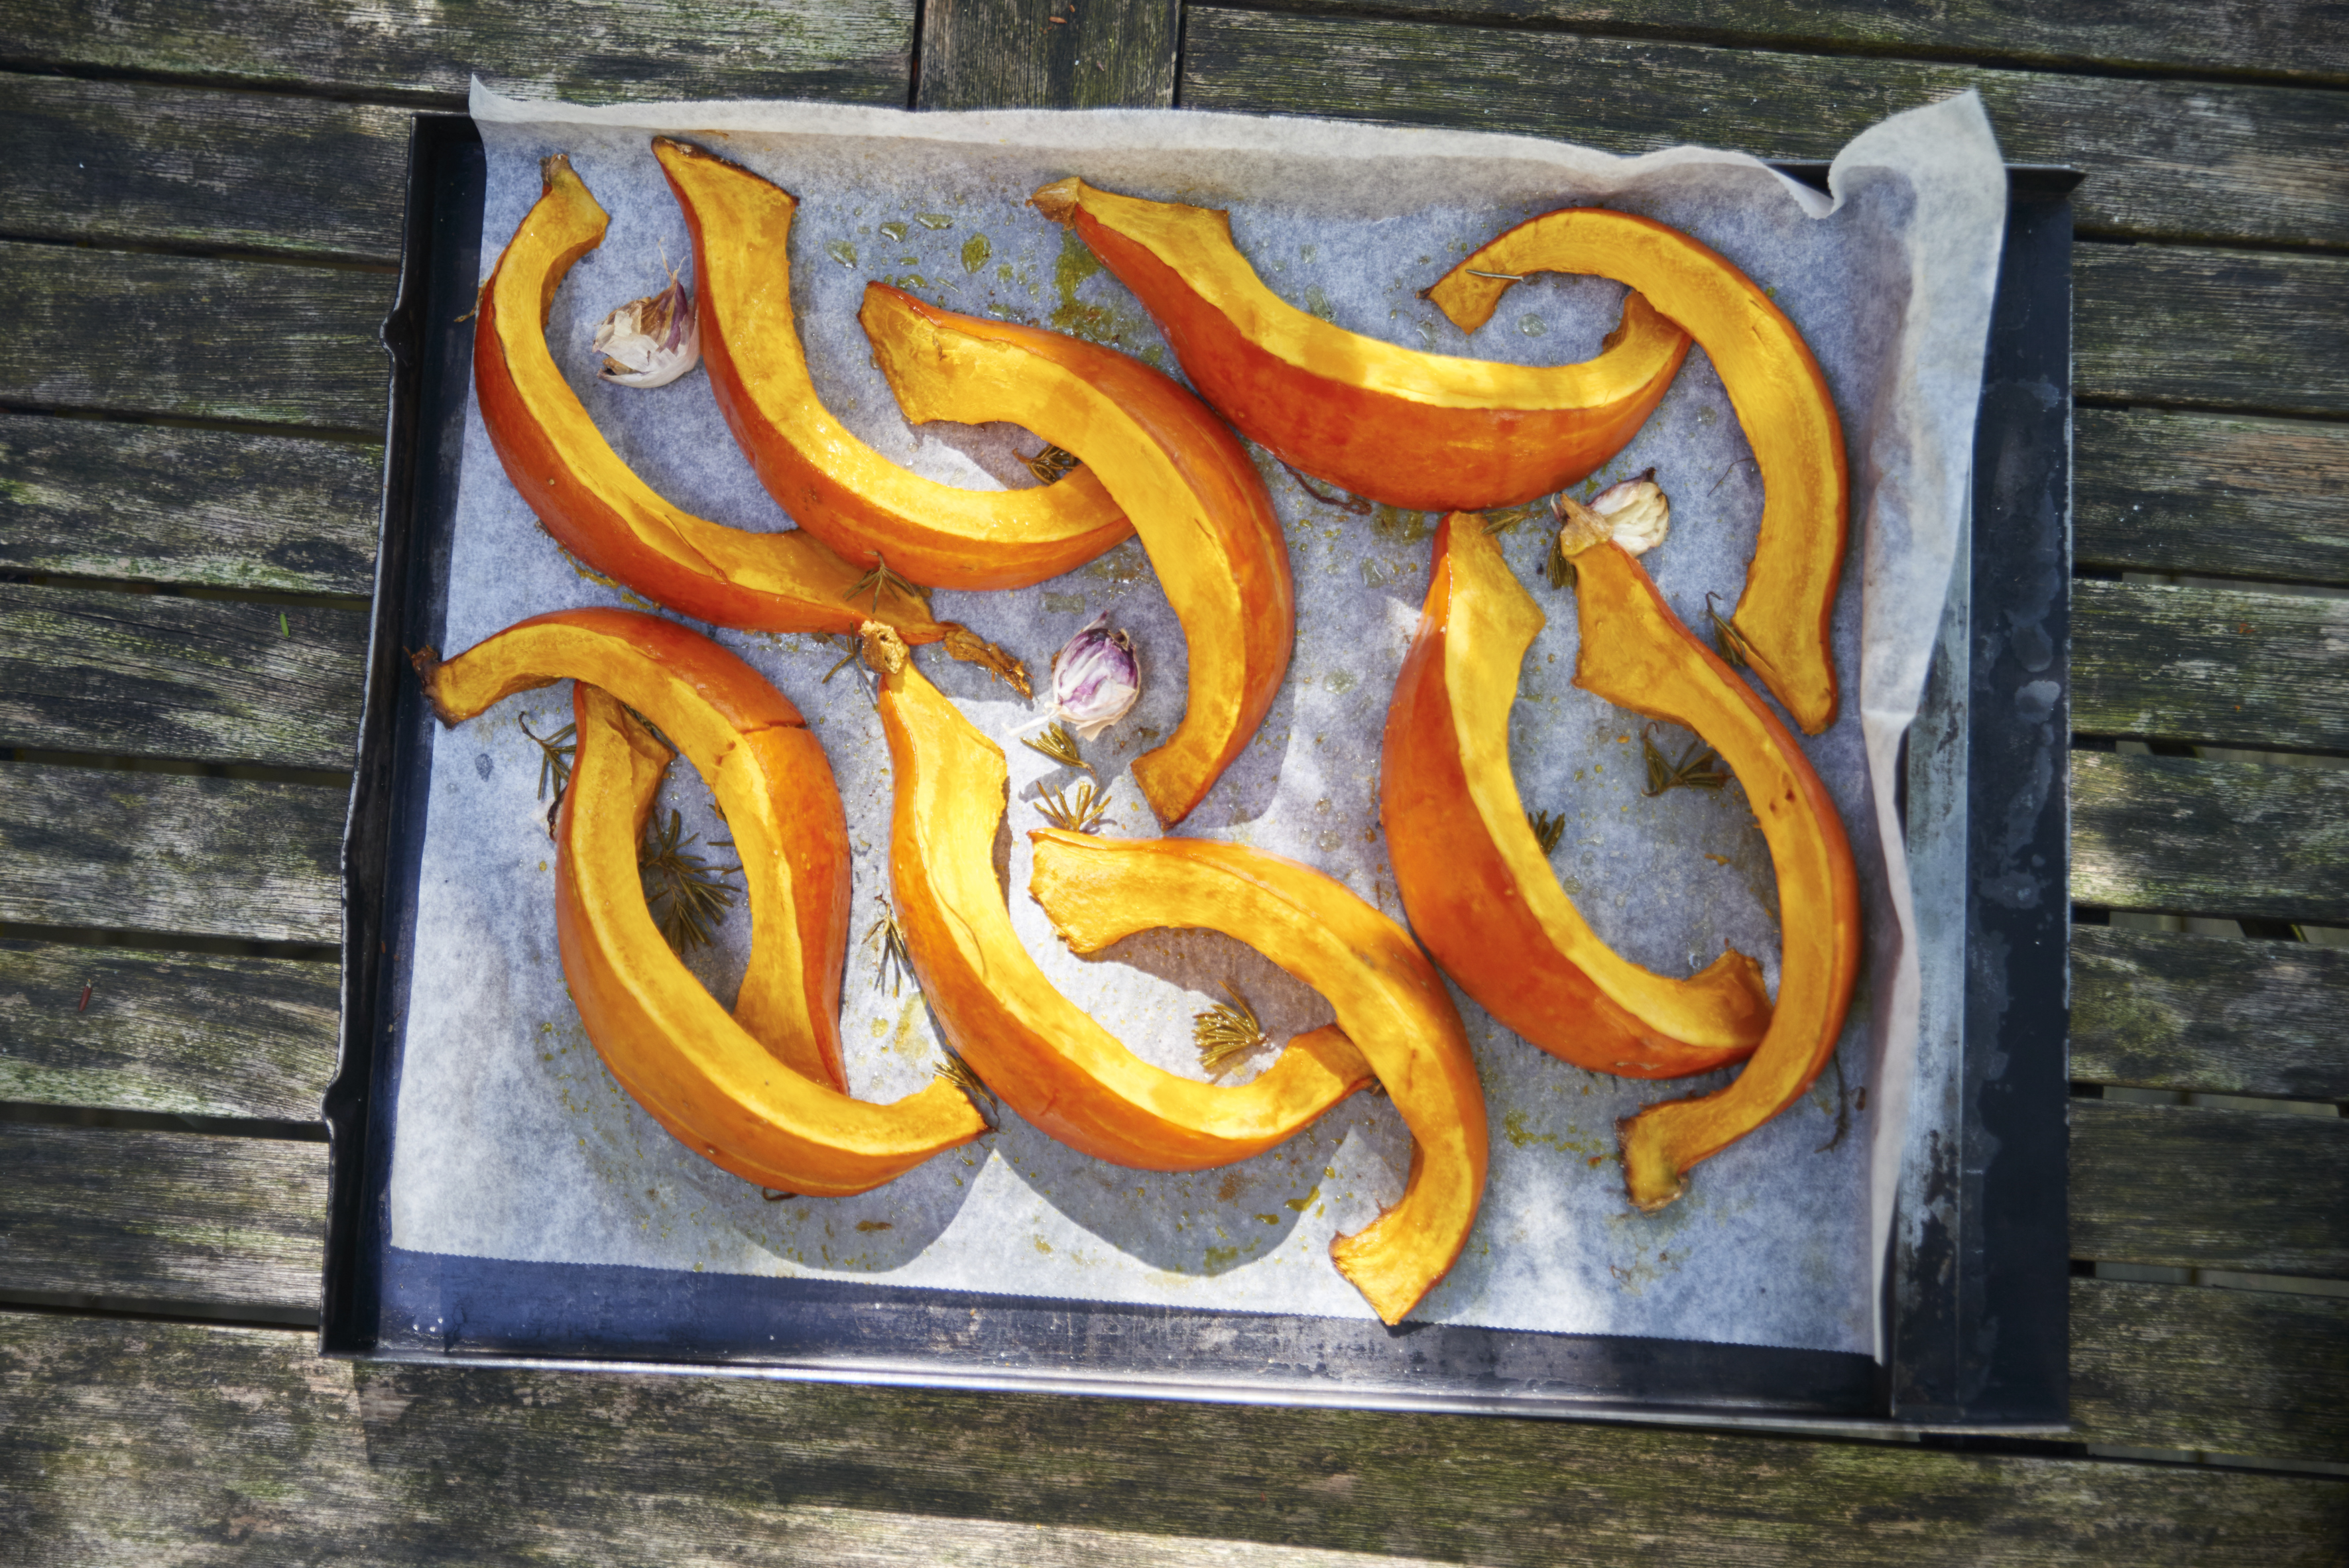 Kuerbisschnitze gebacken auf Blech